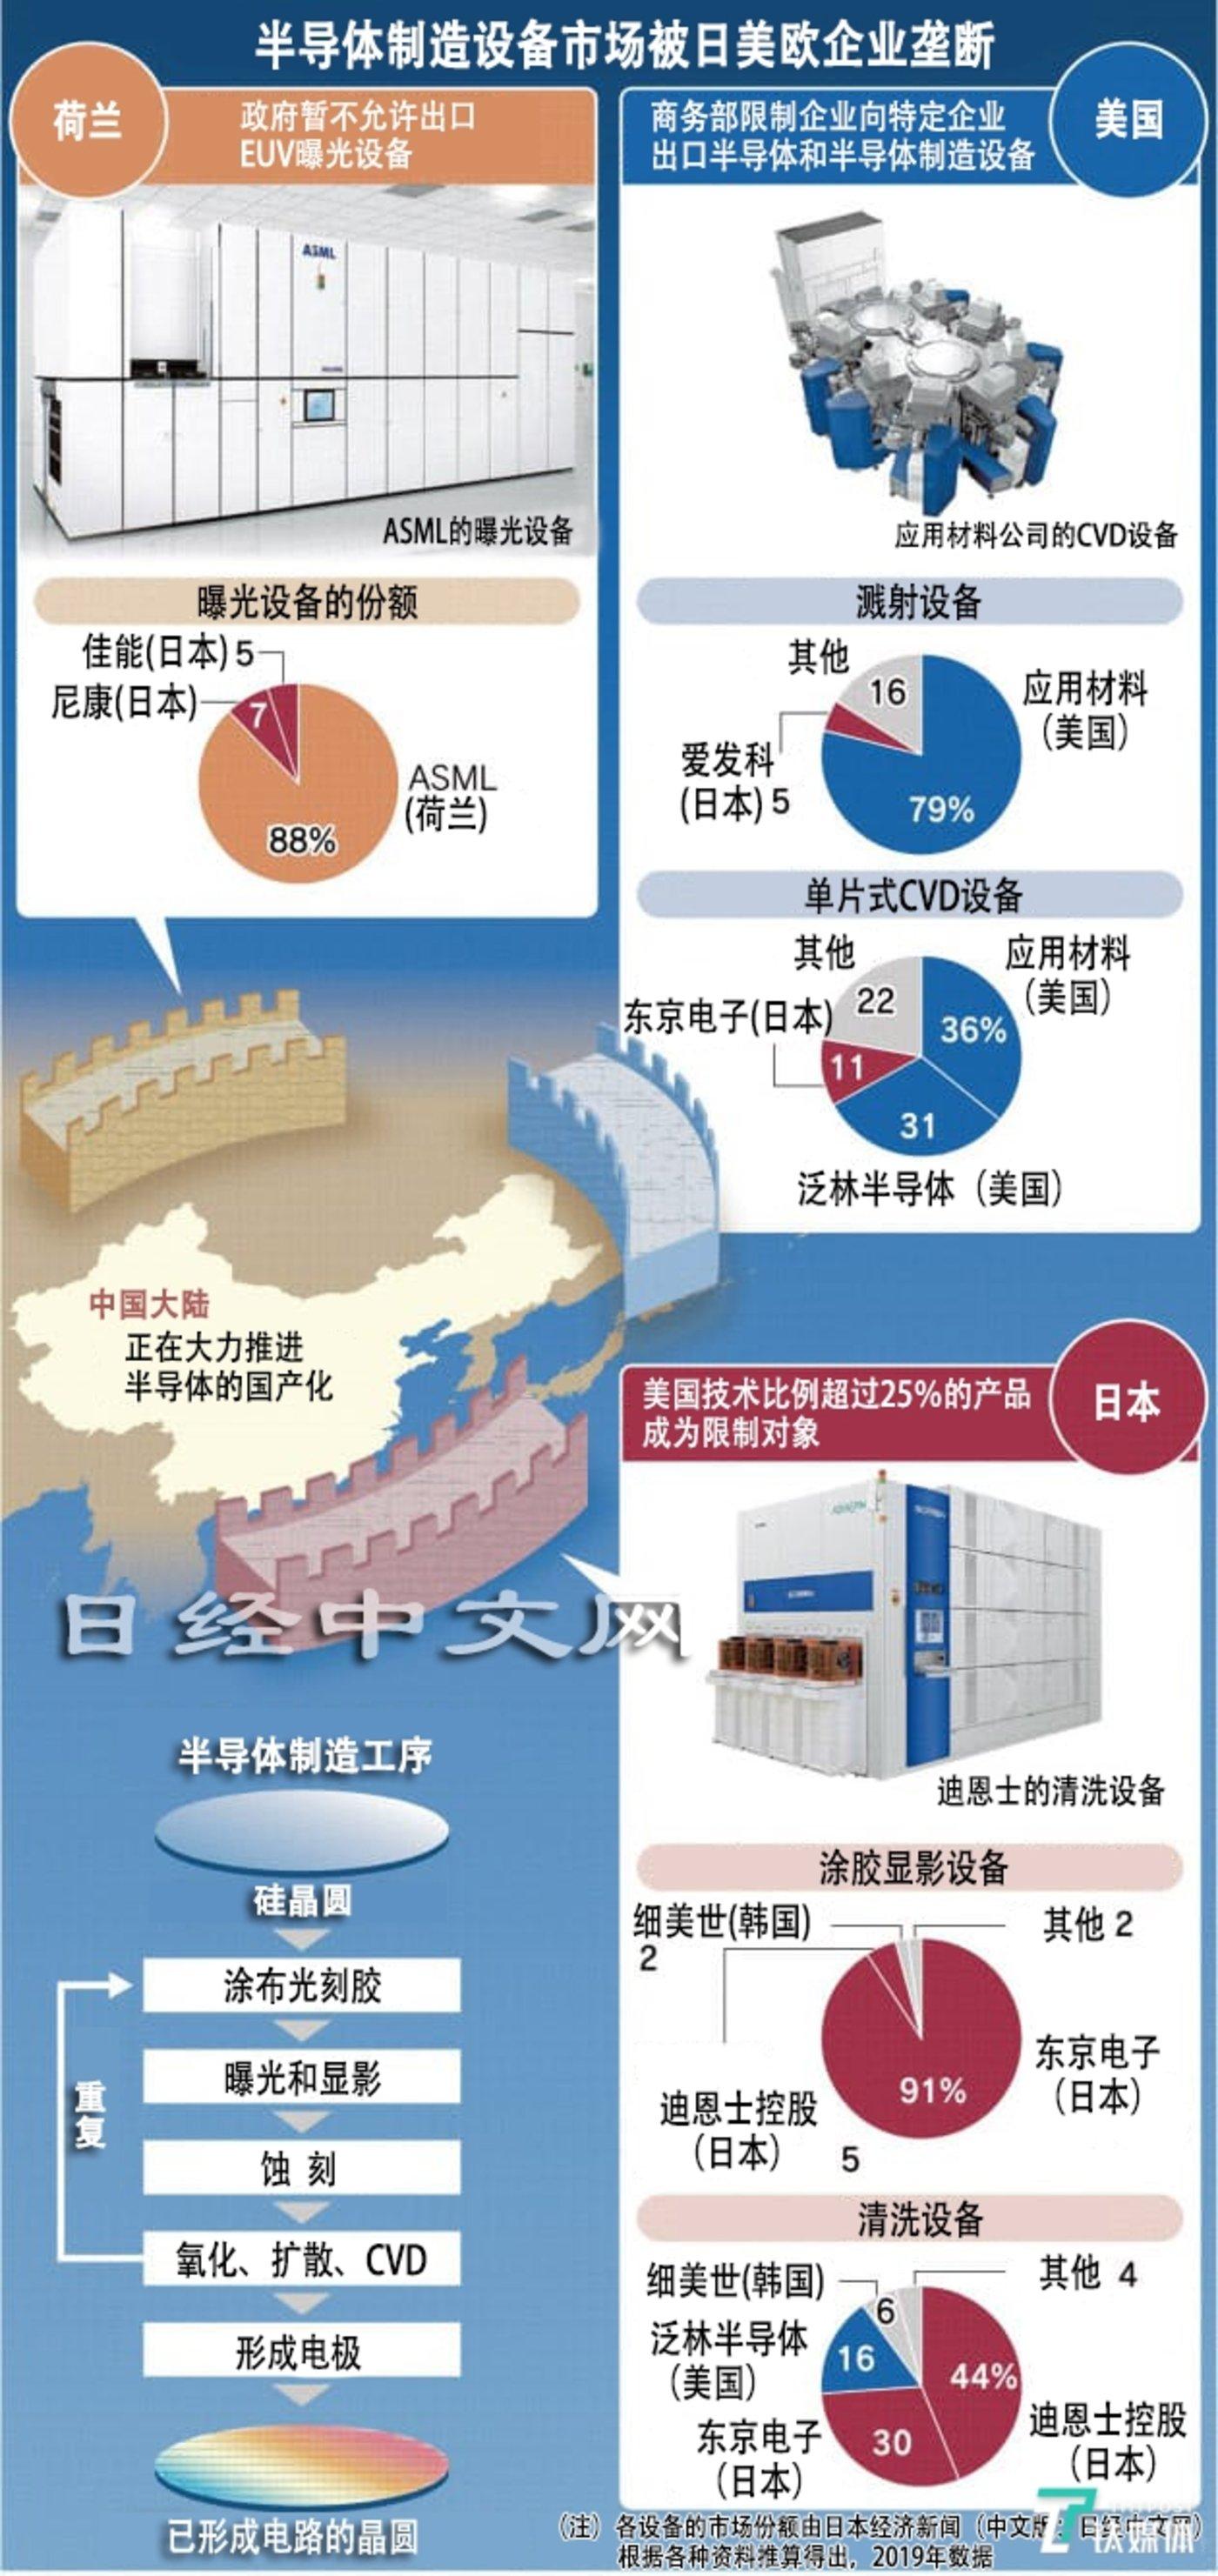 半导体设备和材料区域划分路径(来源:日经中文网)